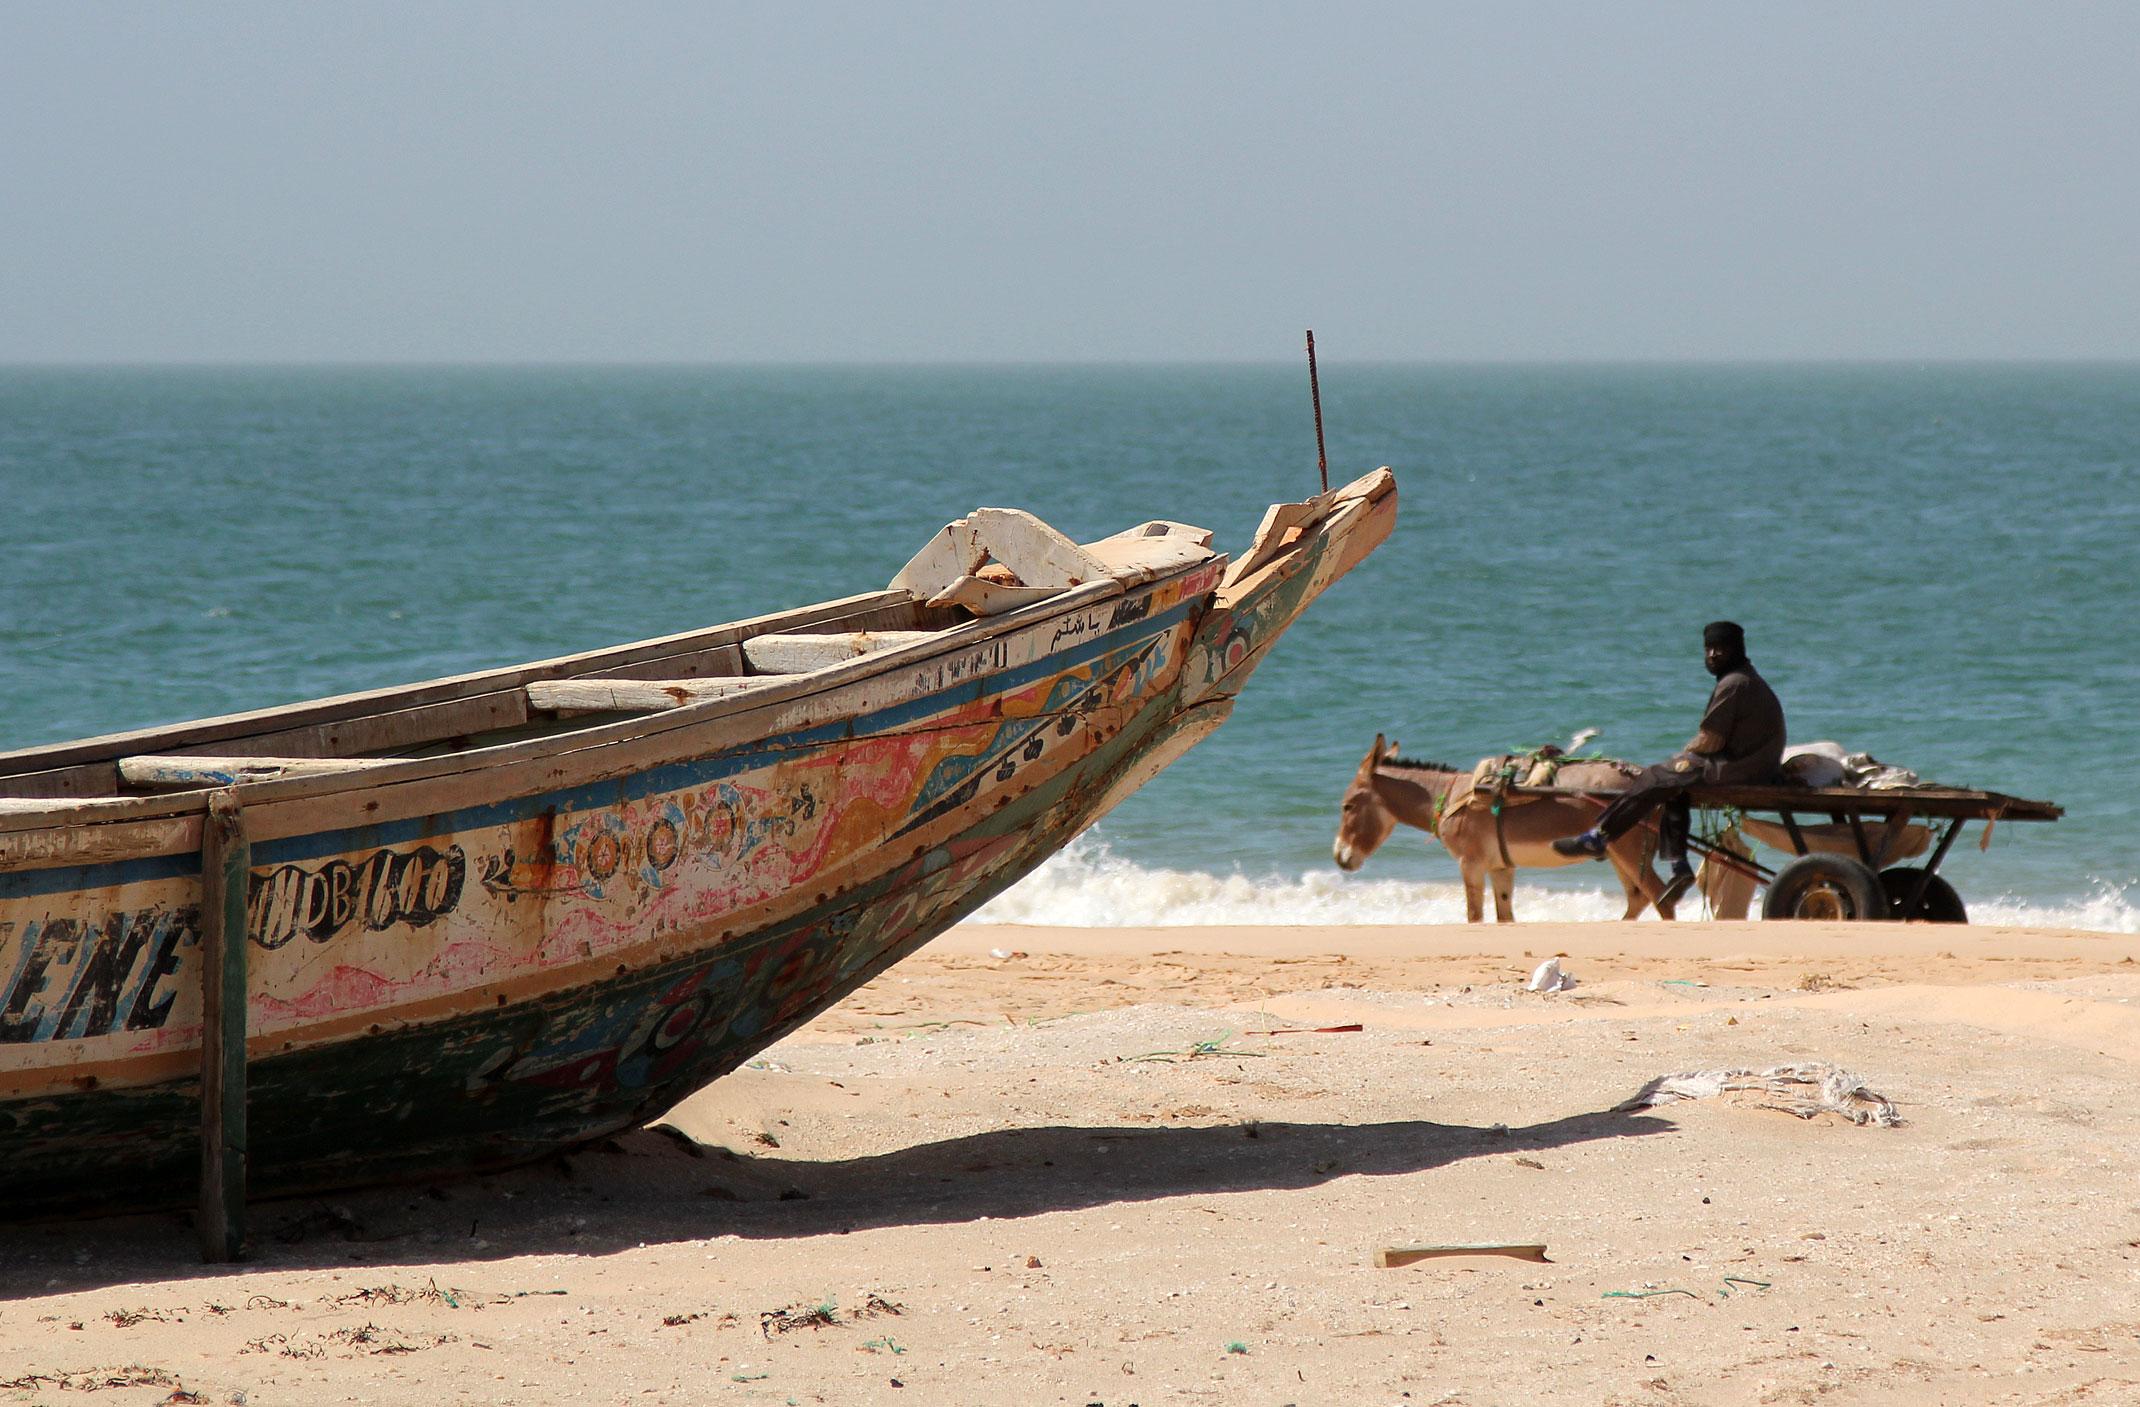 Mauretania.Kolorowa łódź nad brzegiem Oceanu Atlantyckiego i osioł ciągnący wózek.